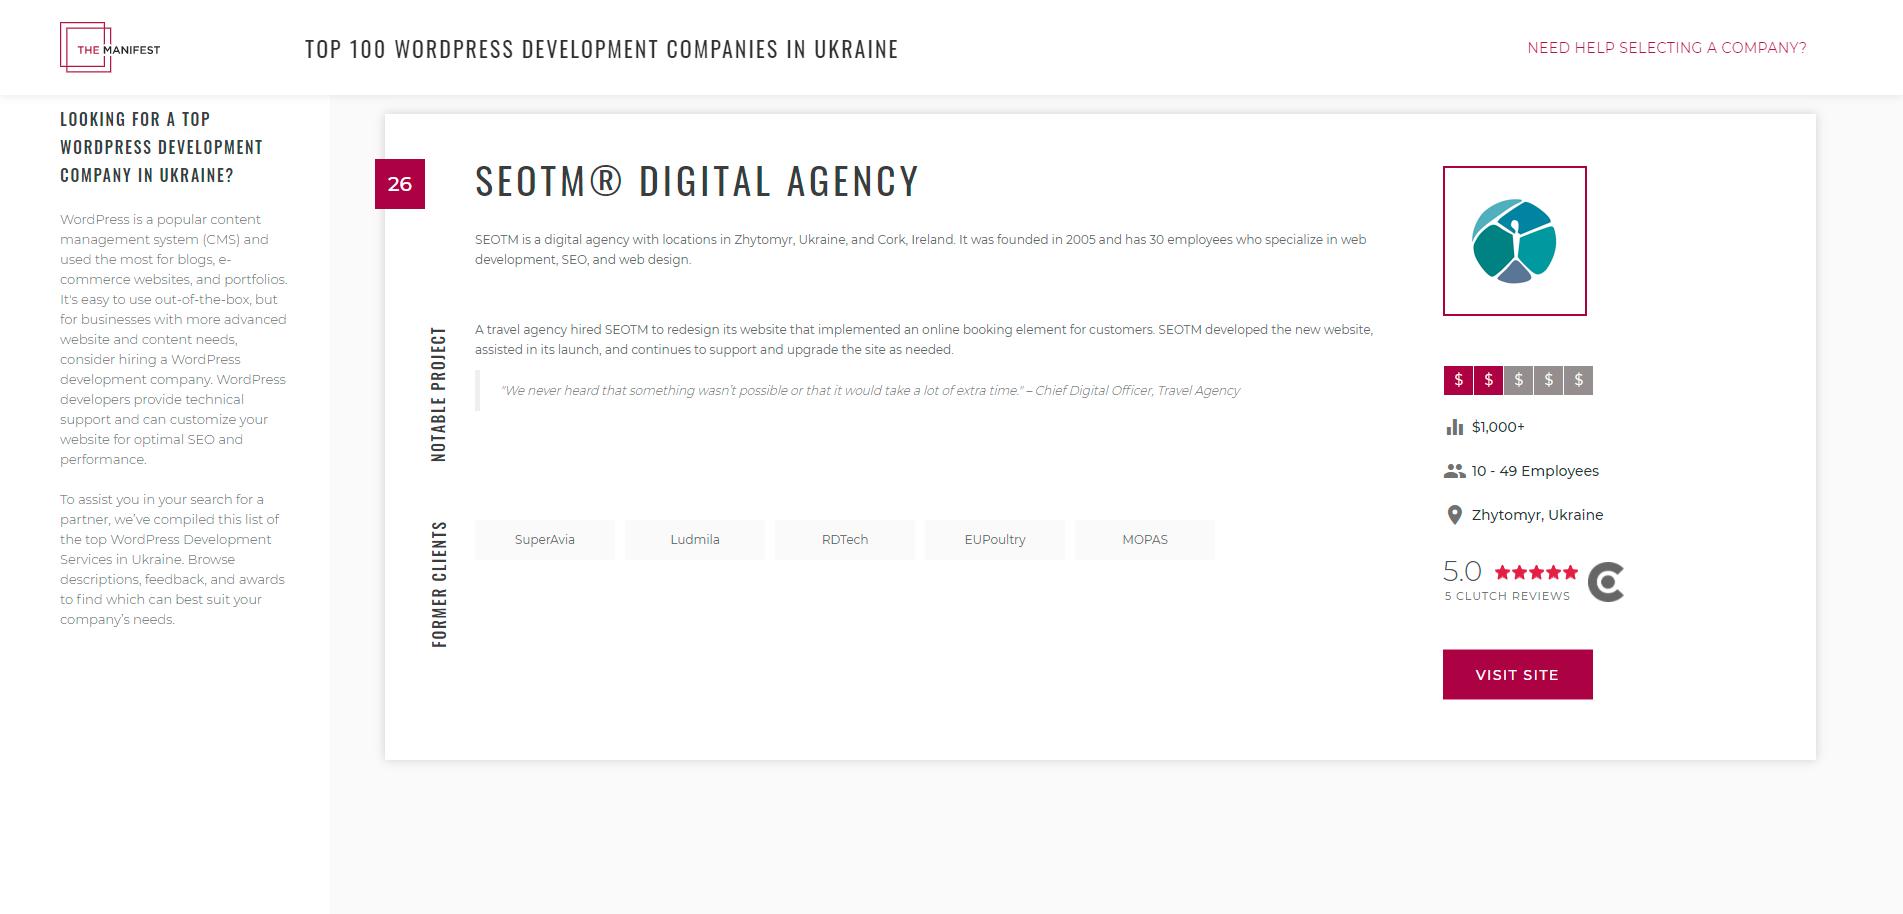 Топ 100 SEO компаний в Украине по разработке wordpress